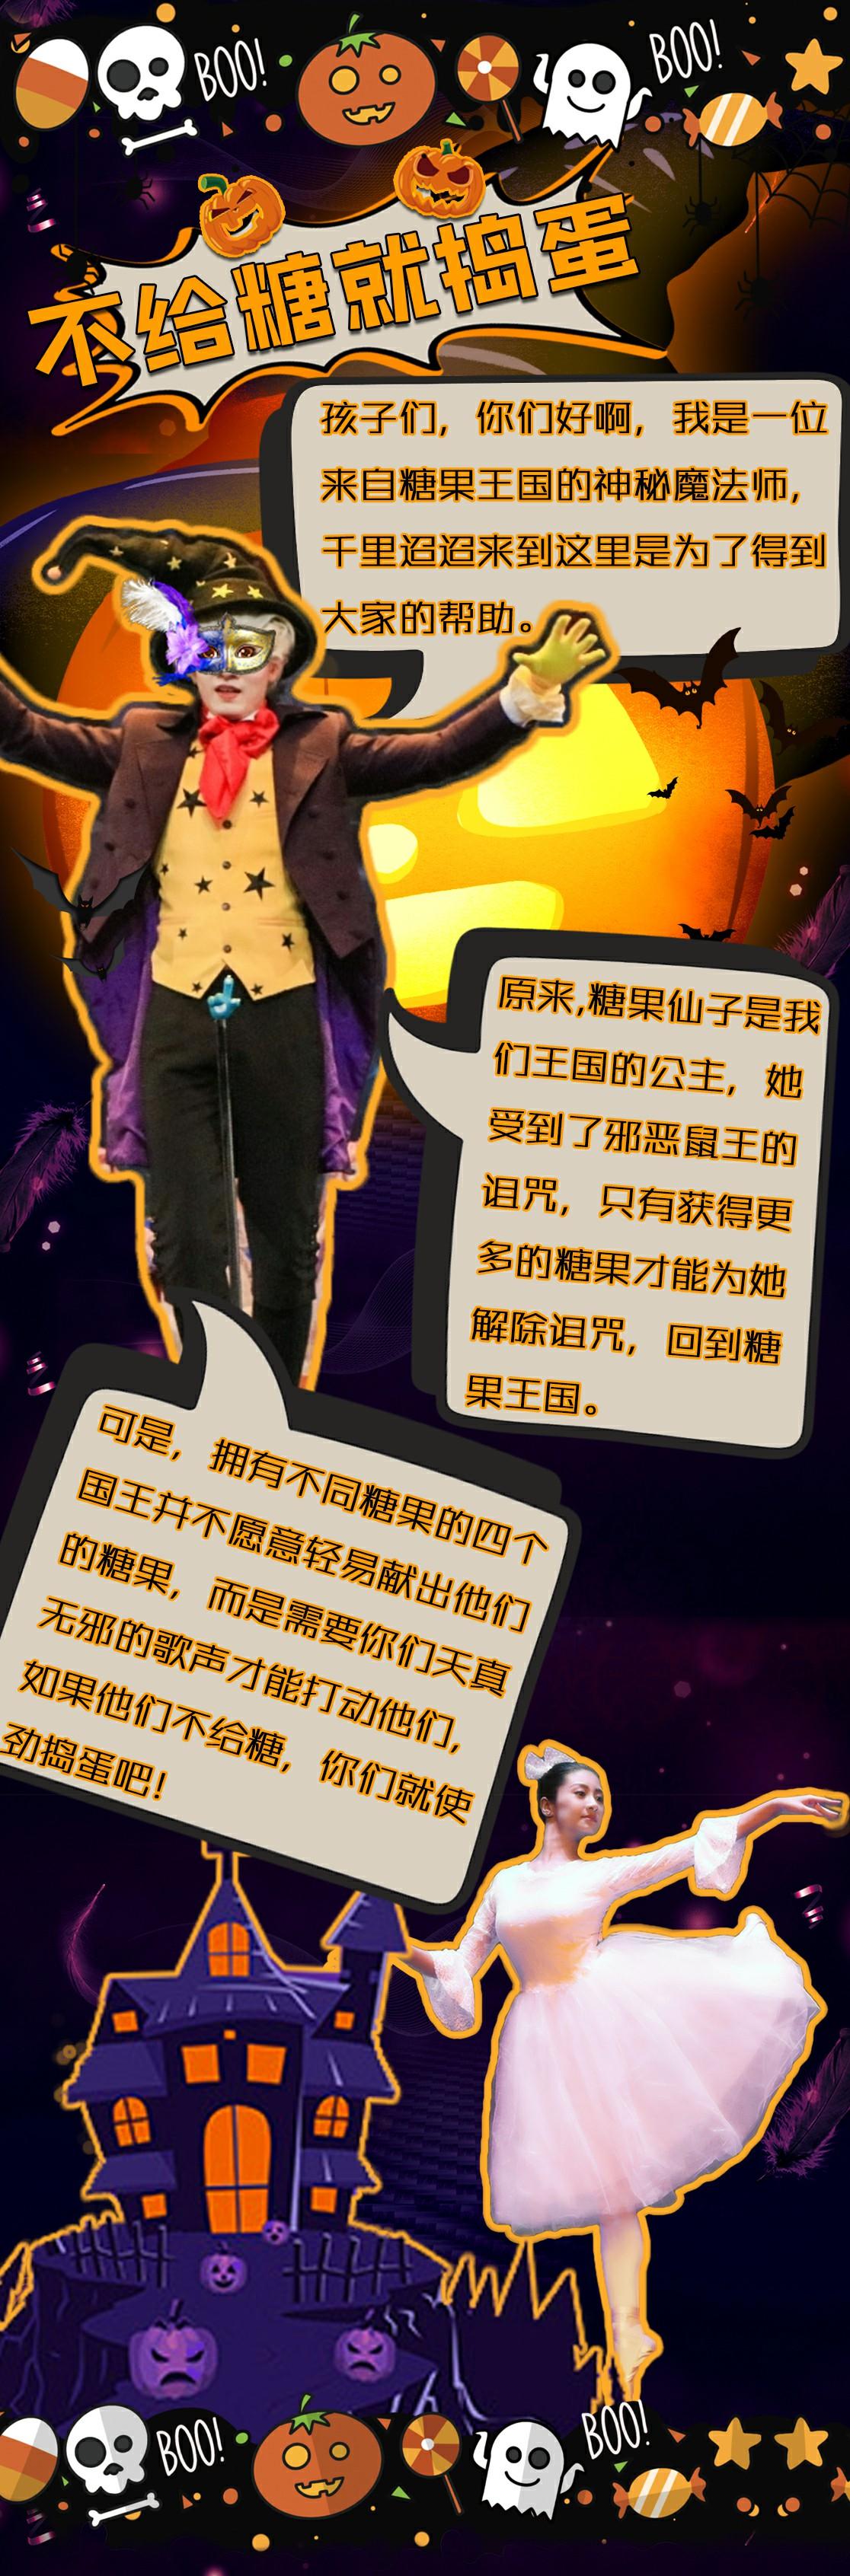 """2021抓马盒子•万圣节亲子视听音乐会《不给糖就捣蛋 Trick or Treat》 ——""""给不给糖都能来捣蛋""""-上海站"""